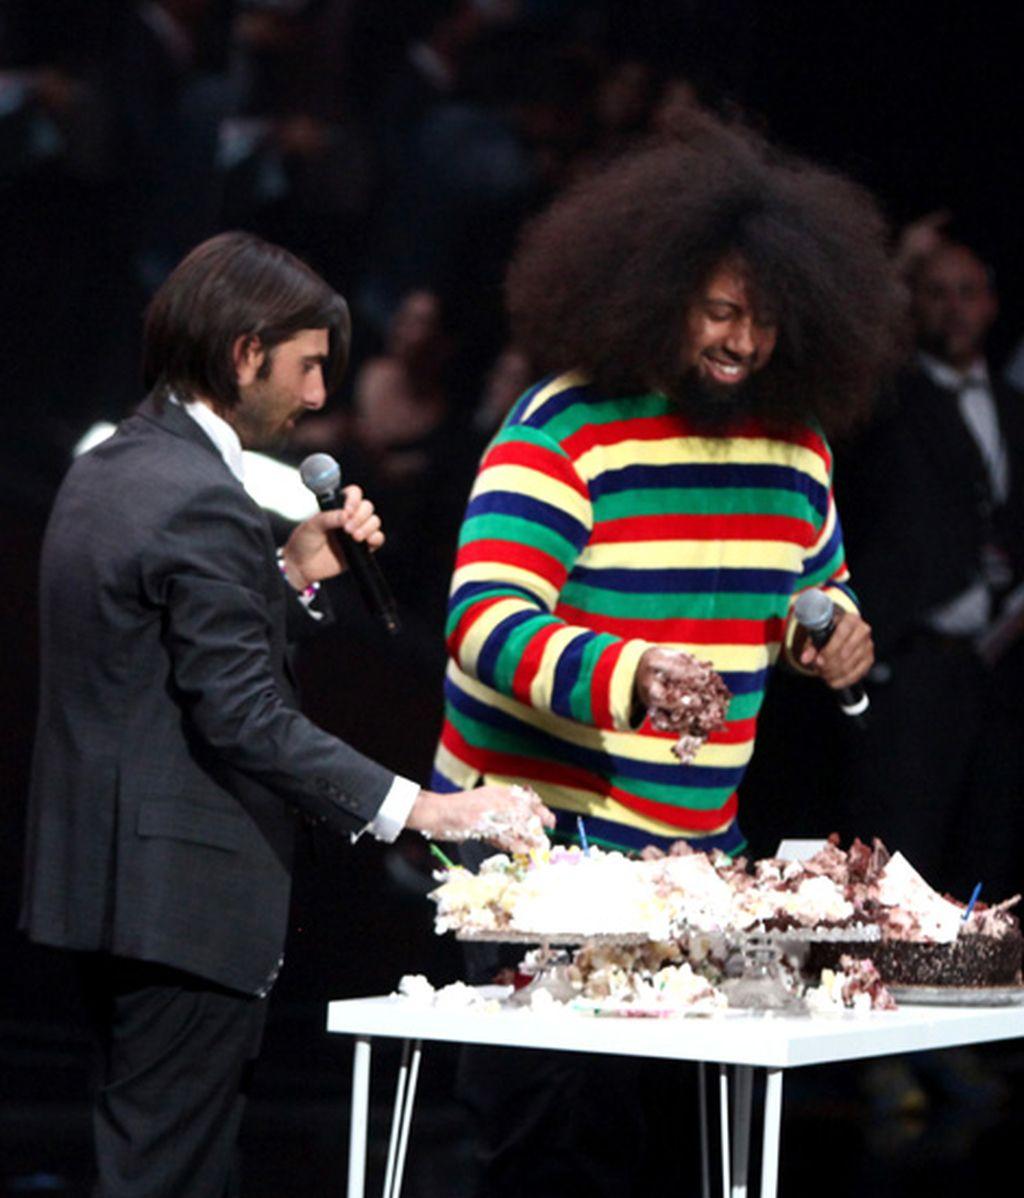 Jason Schwartzman & Reggie Watts